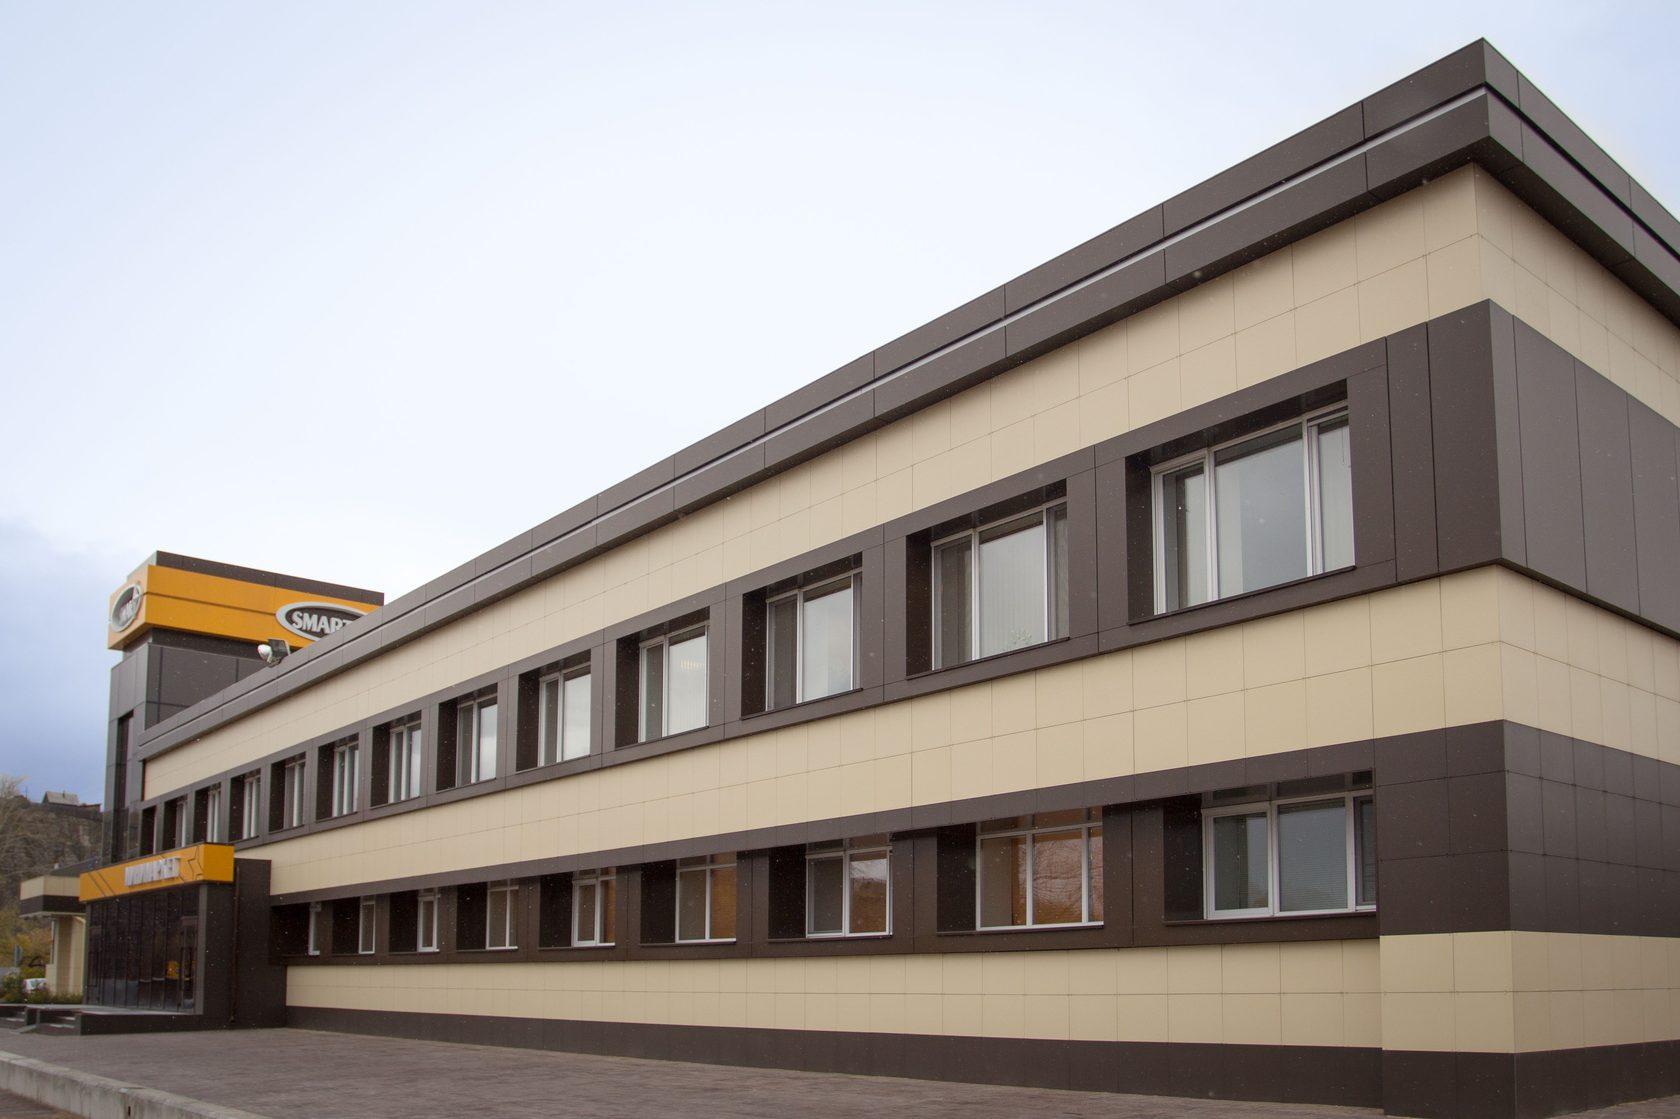 цвета фасадов офисных зданий домов фото вспышка называется вспышкой